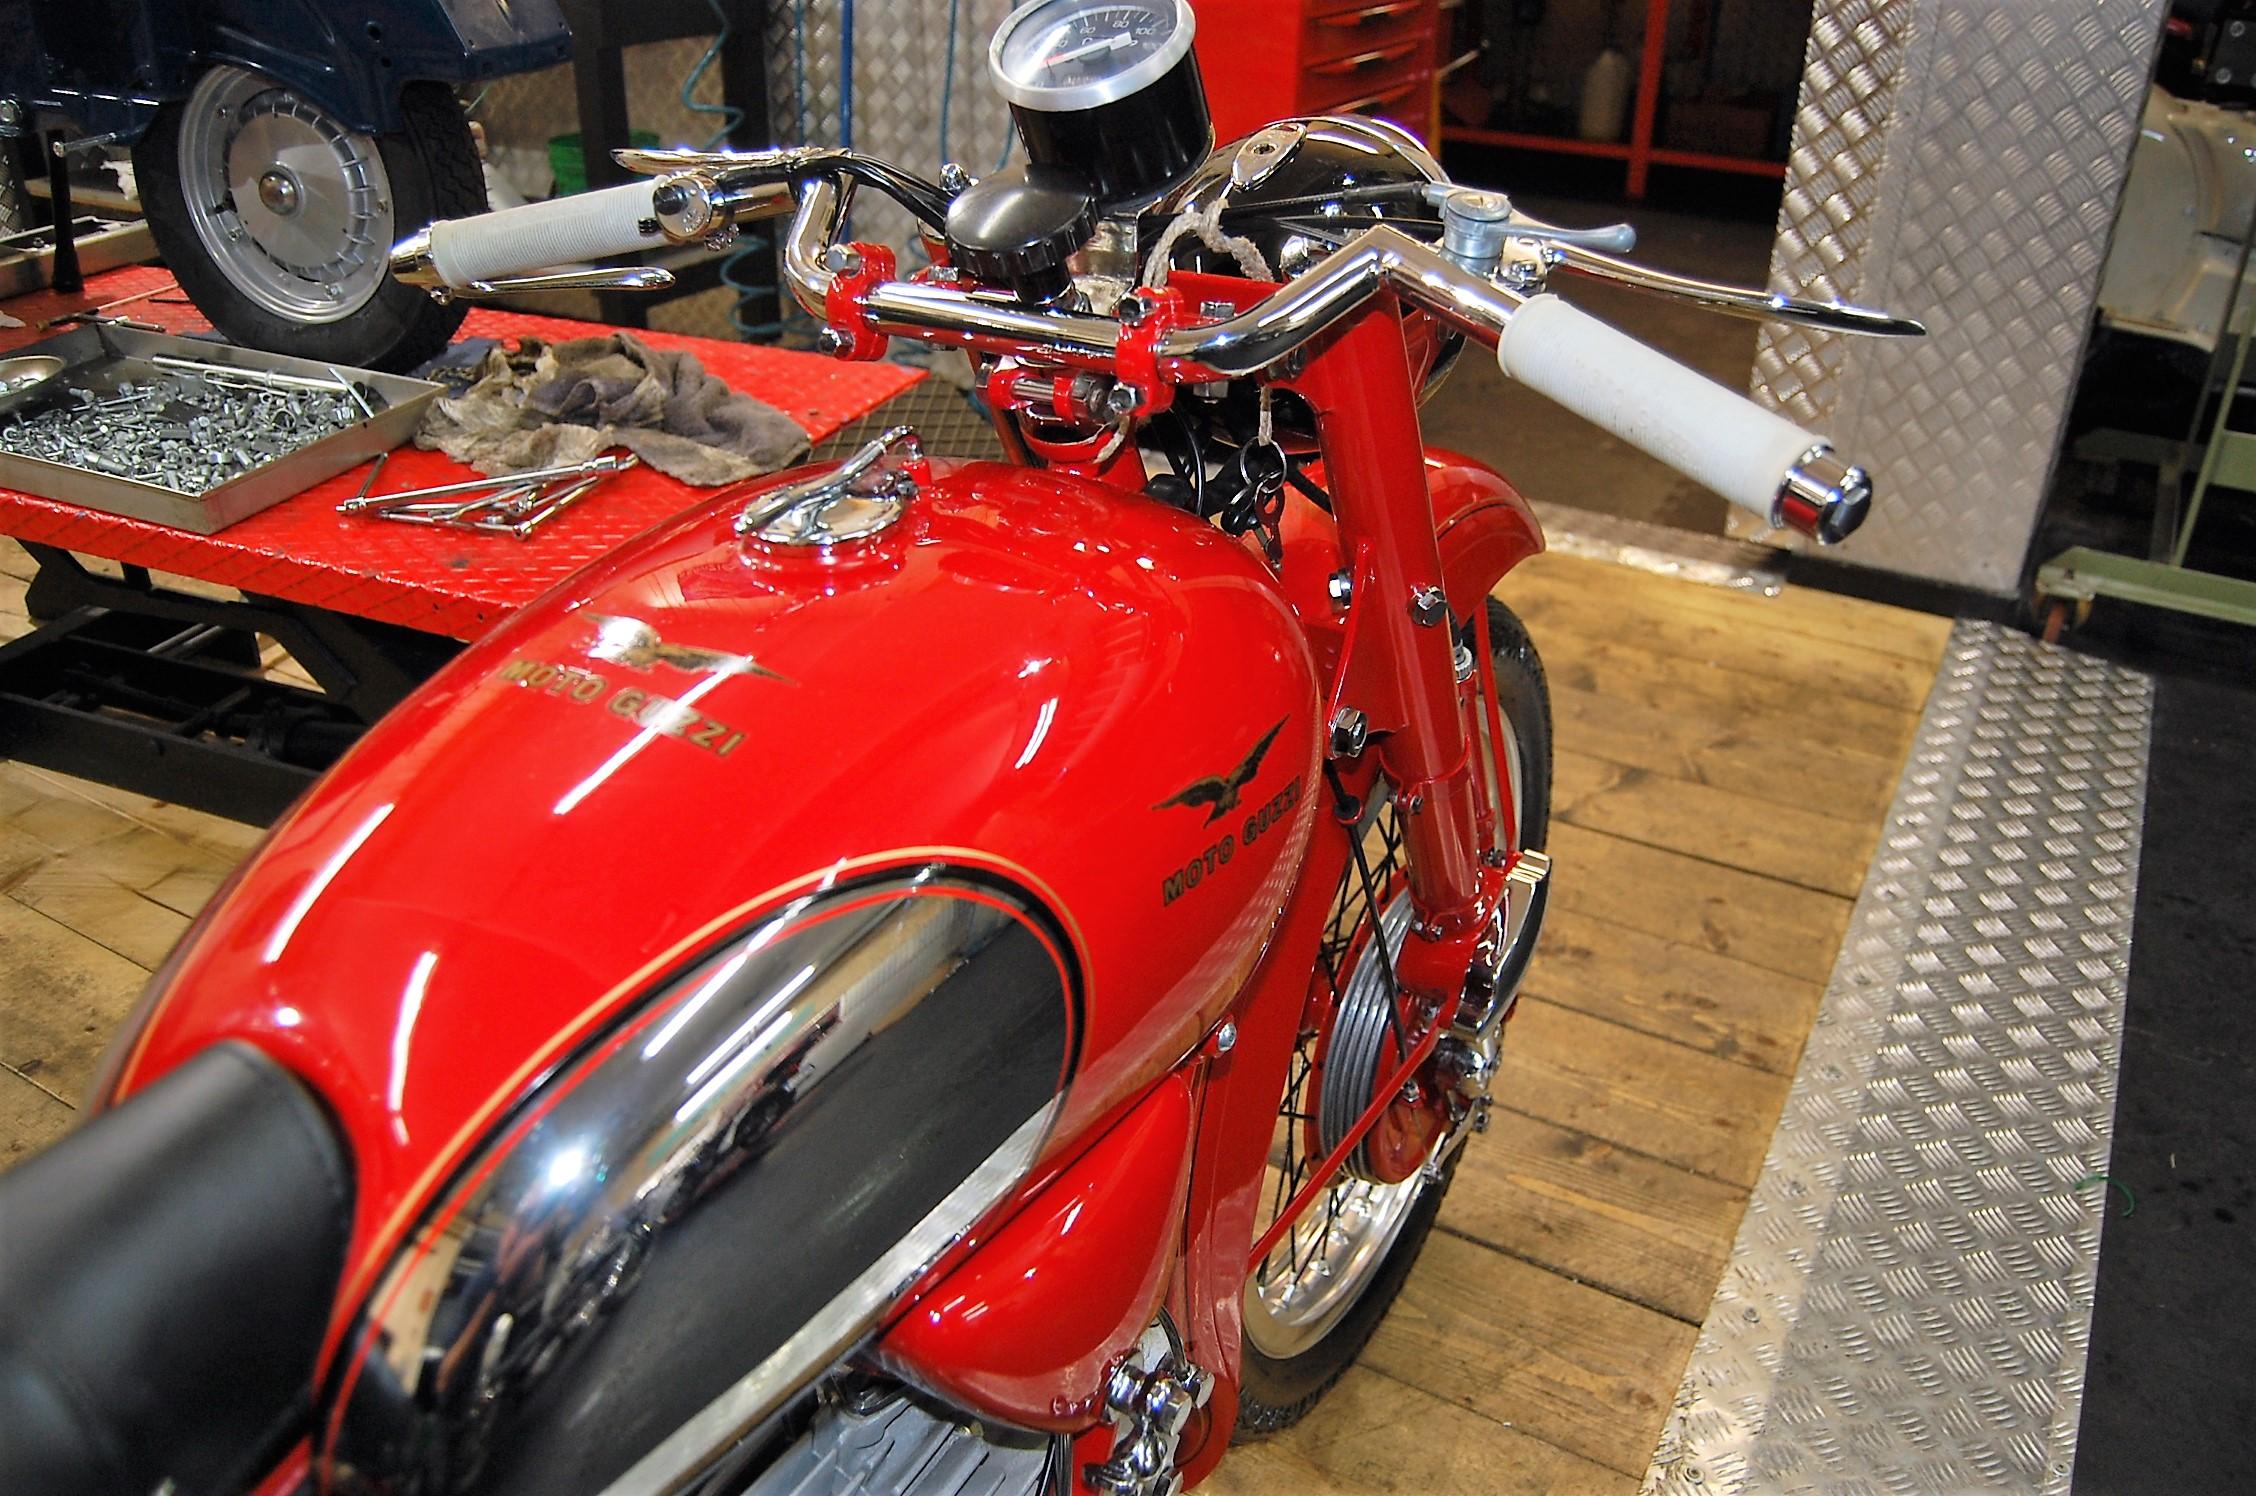 moto_guzzi_falcone_vendita_www-centromotojenner-com